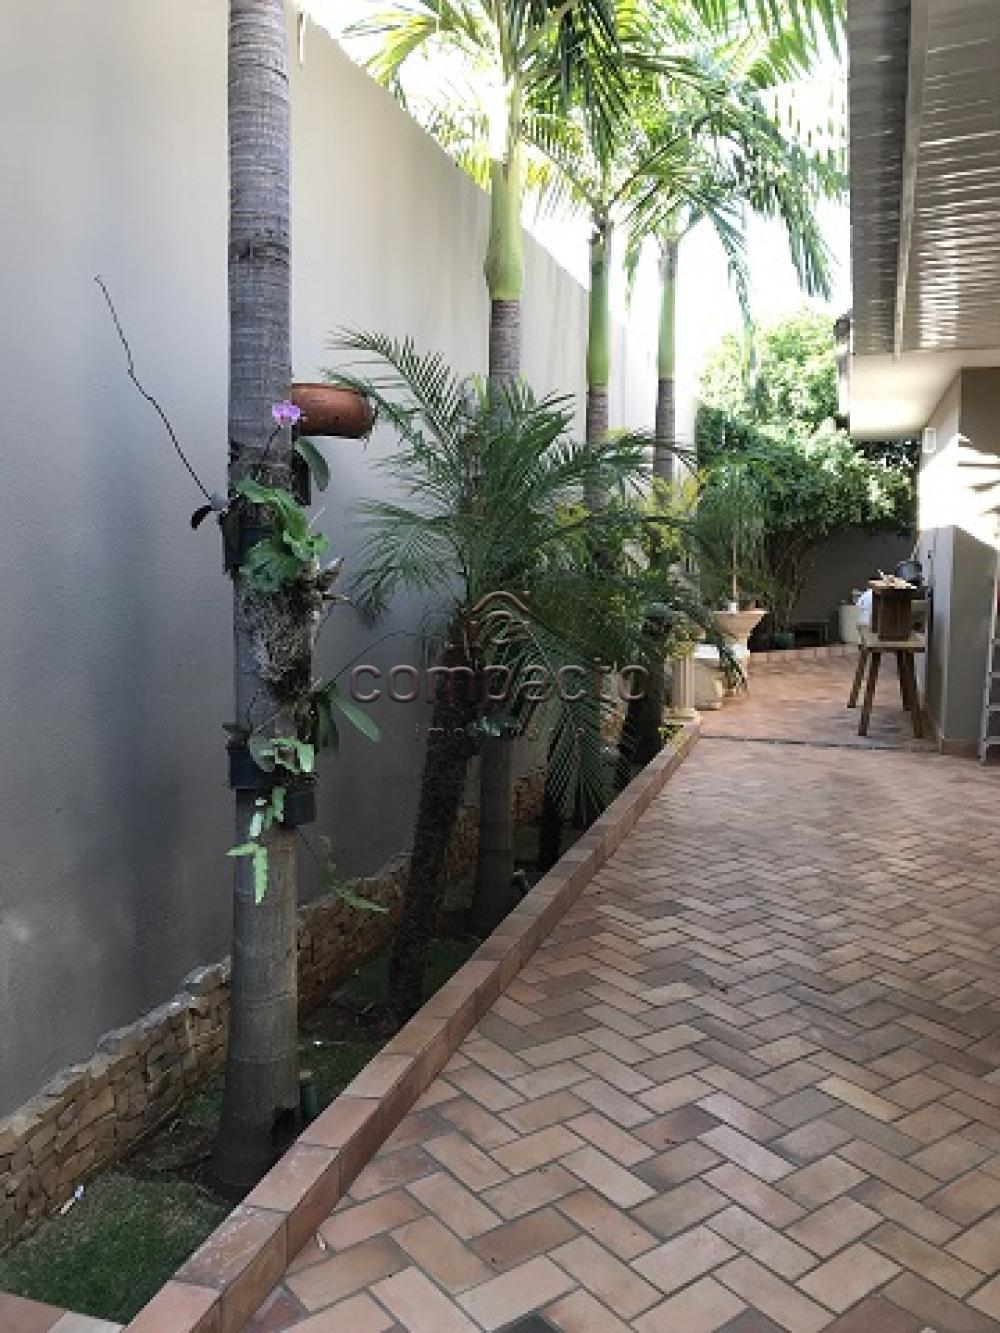 Comprar Casa / Padrão em São José do Rio Preto apenas R$ 850.000,00 - Foto 24